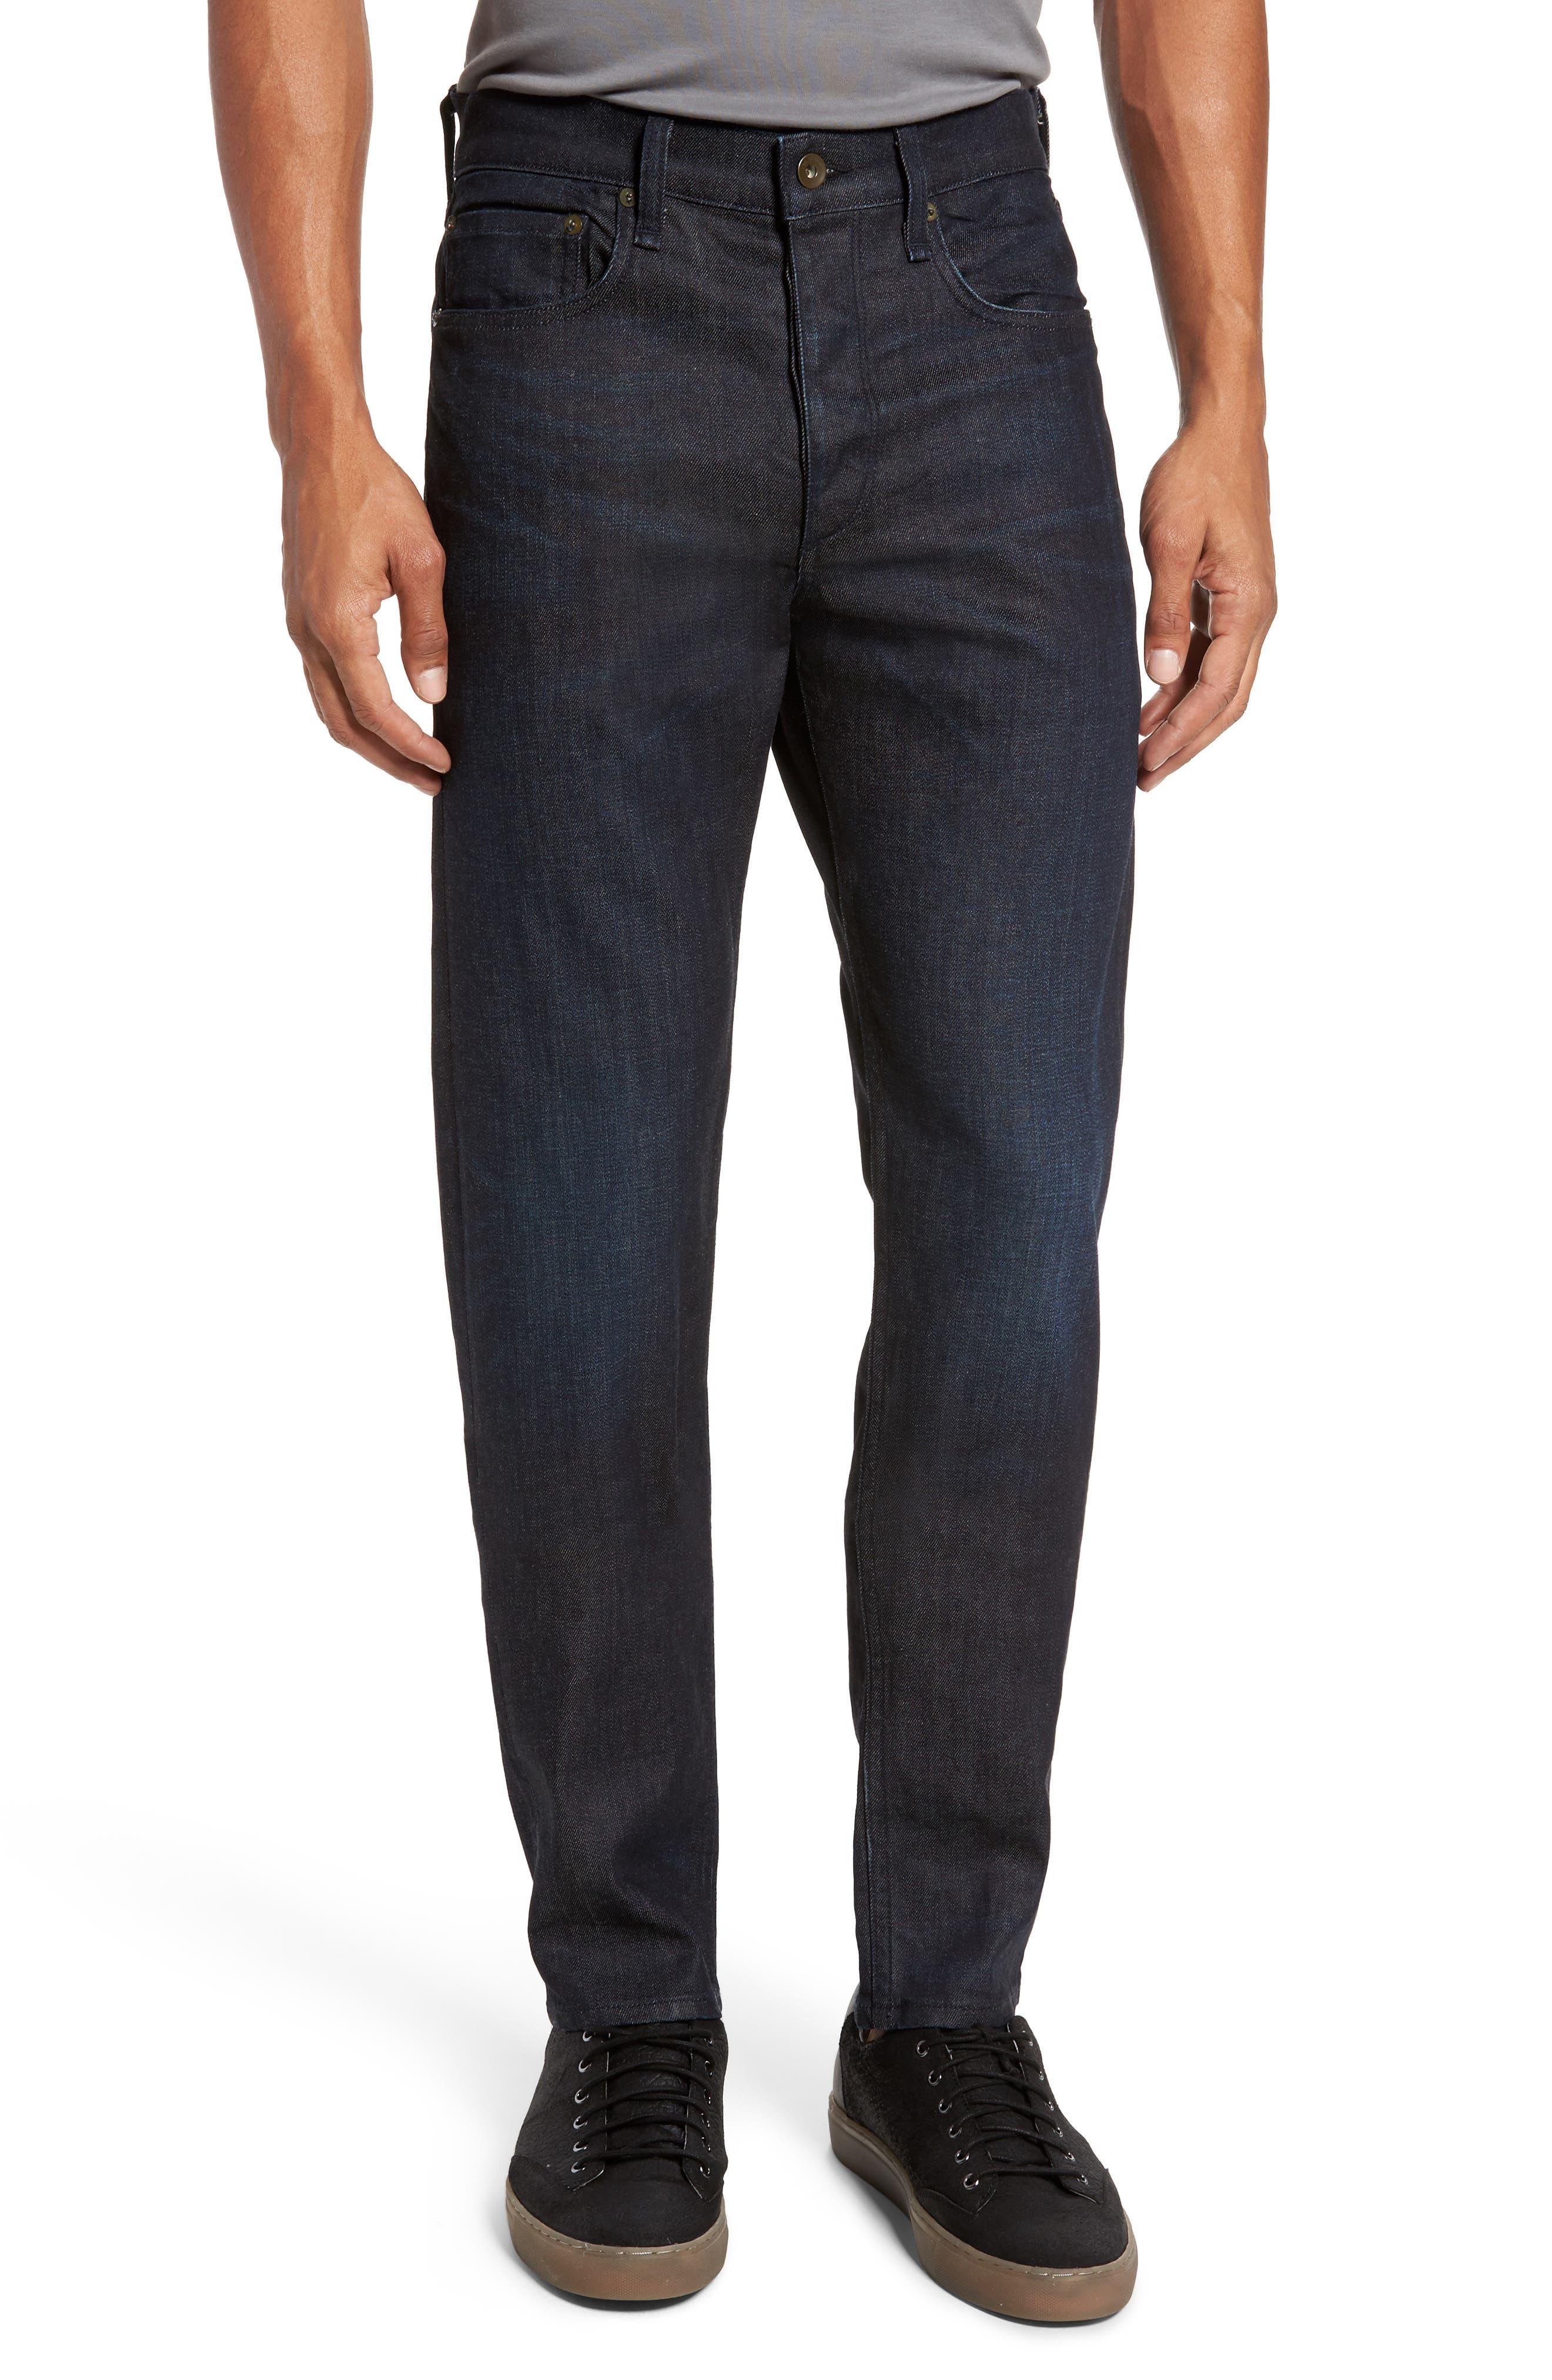 Transcend - Lennox Slim Fit Jeans,                         Main,                         color, Kentner